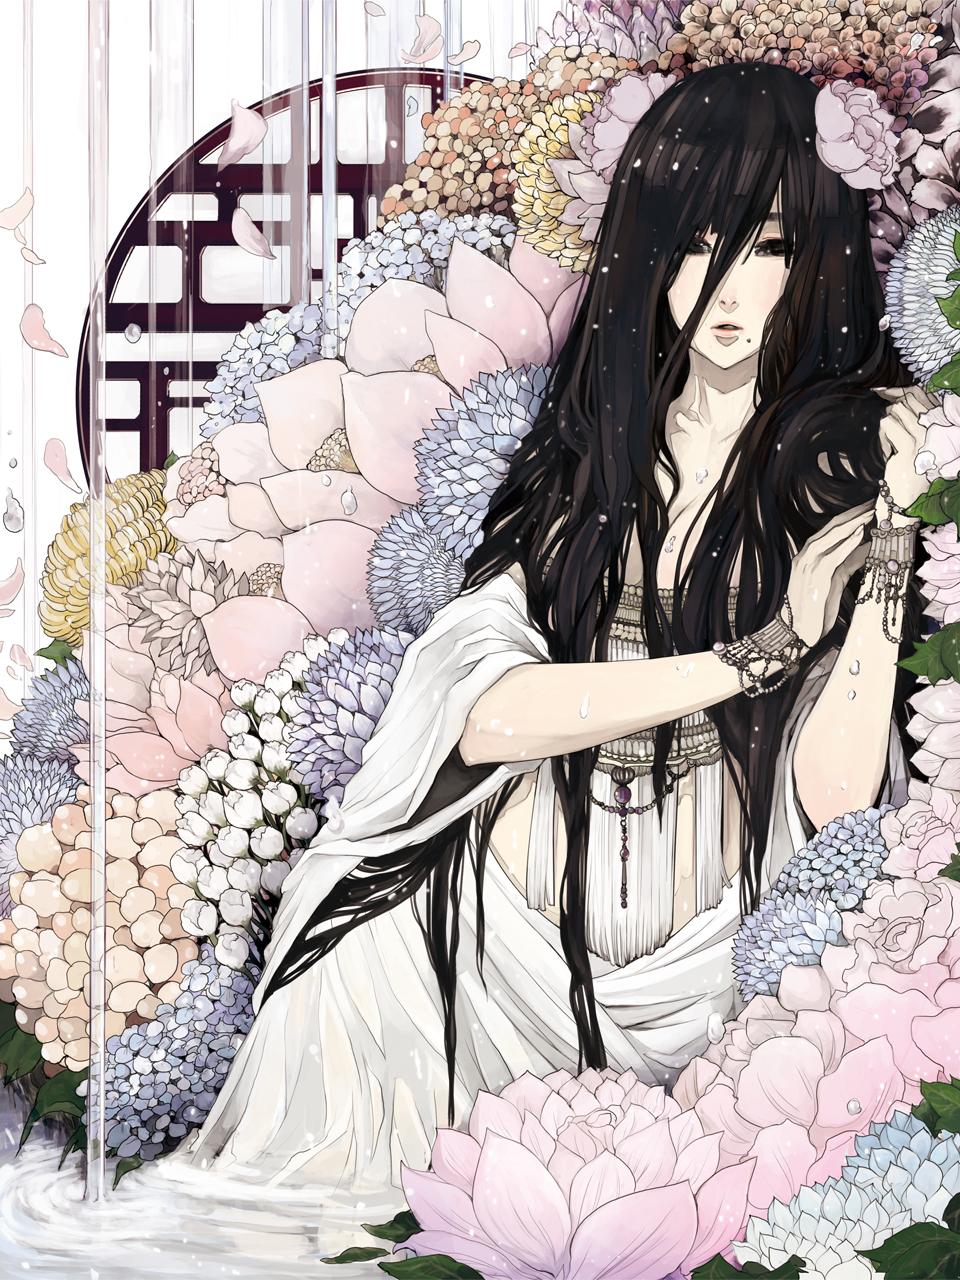 общем объеме арты в белом цвете супруги были